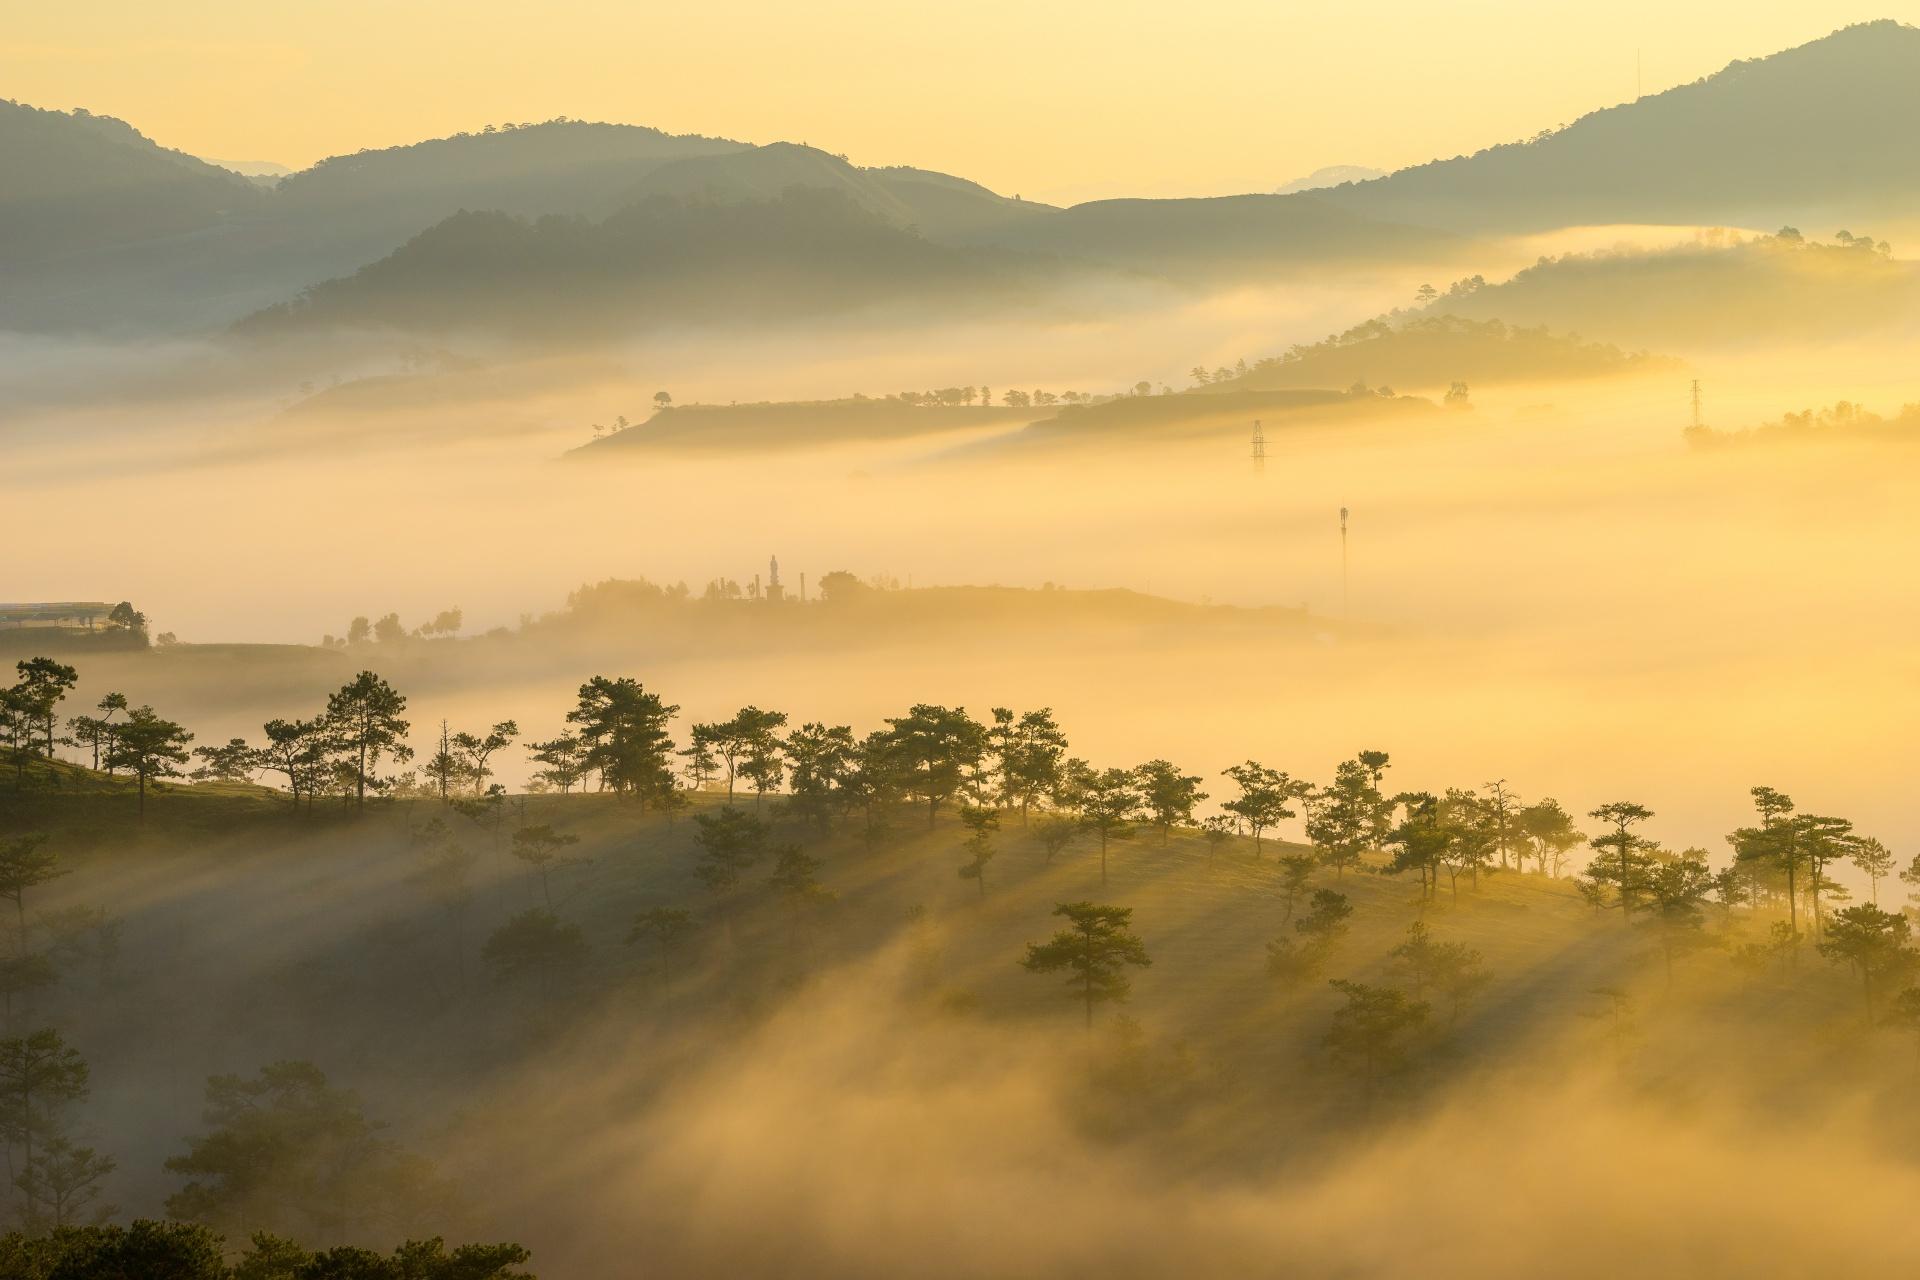 朝霧のダラットの風景 ベトナムの風景